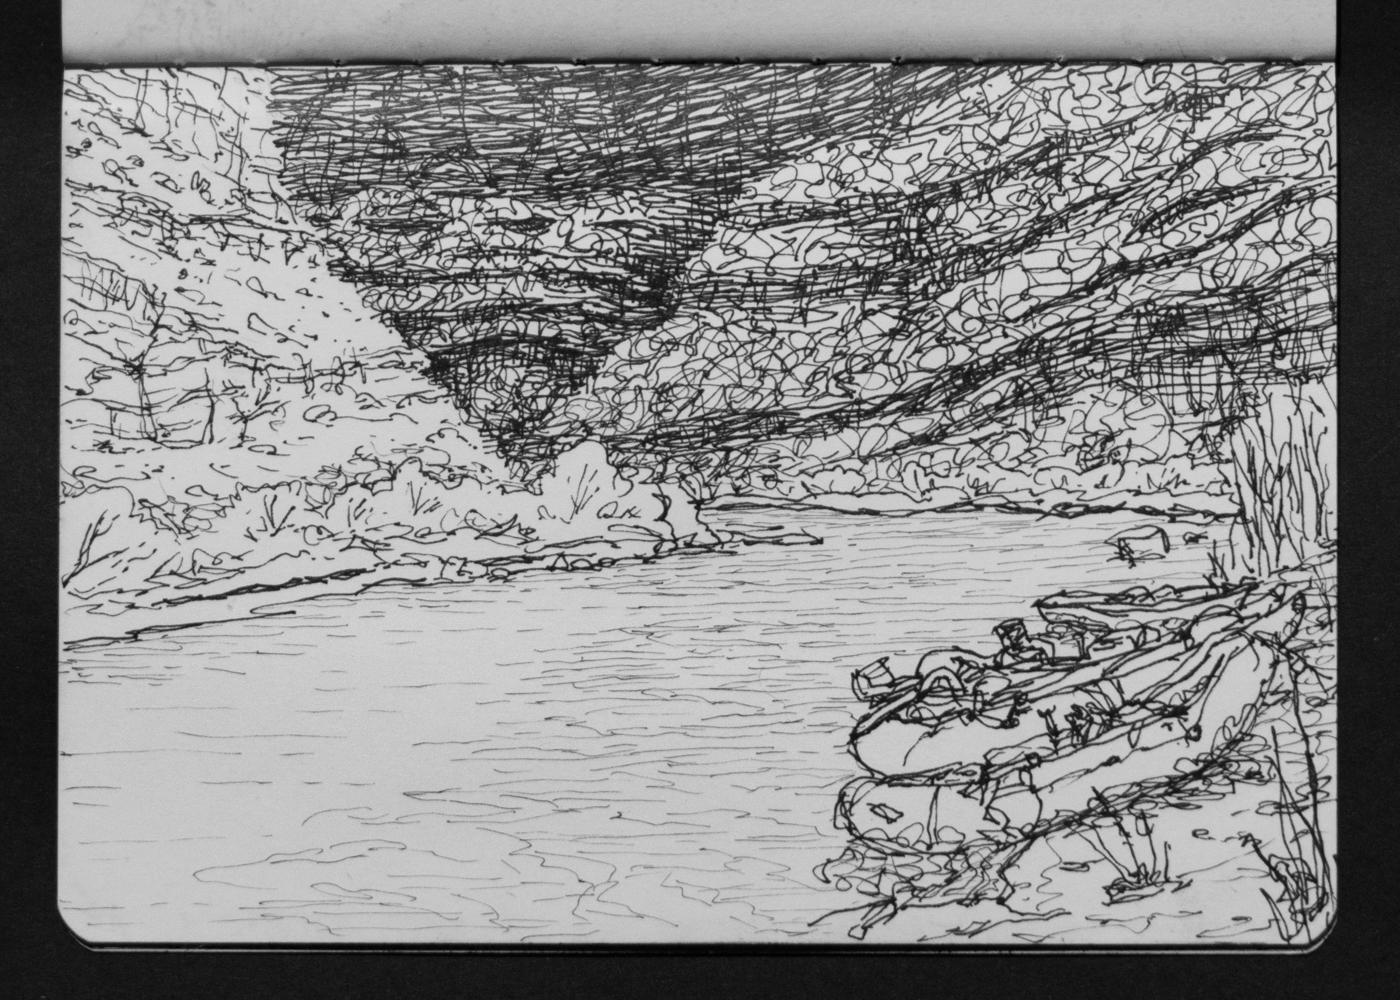 04-16 San Juan Boats at Camp 2.jpg